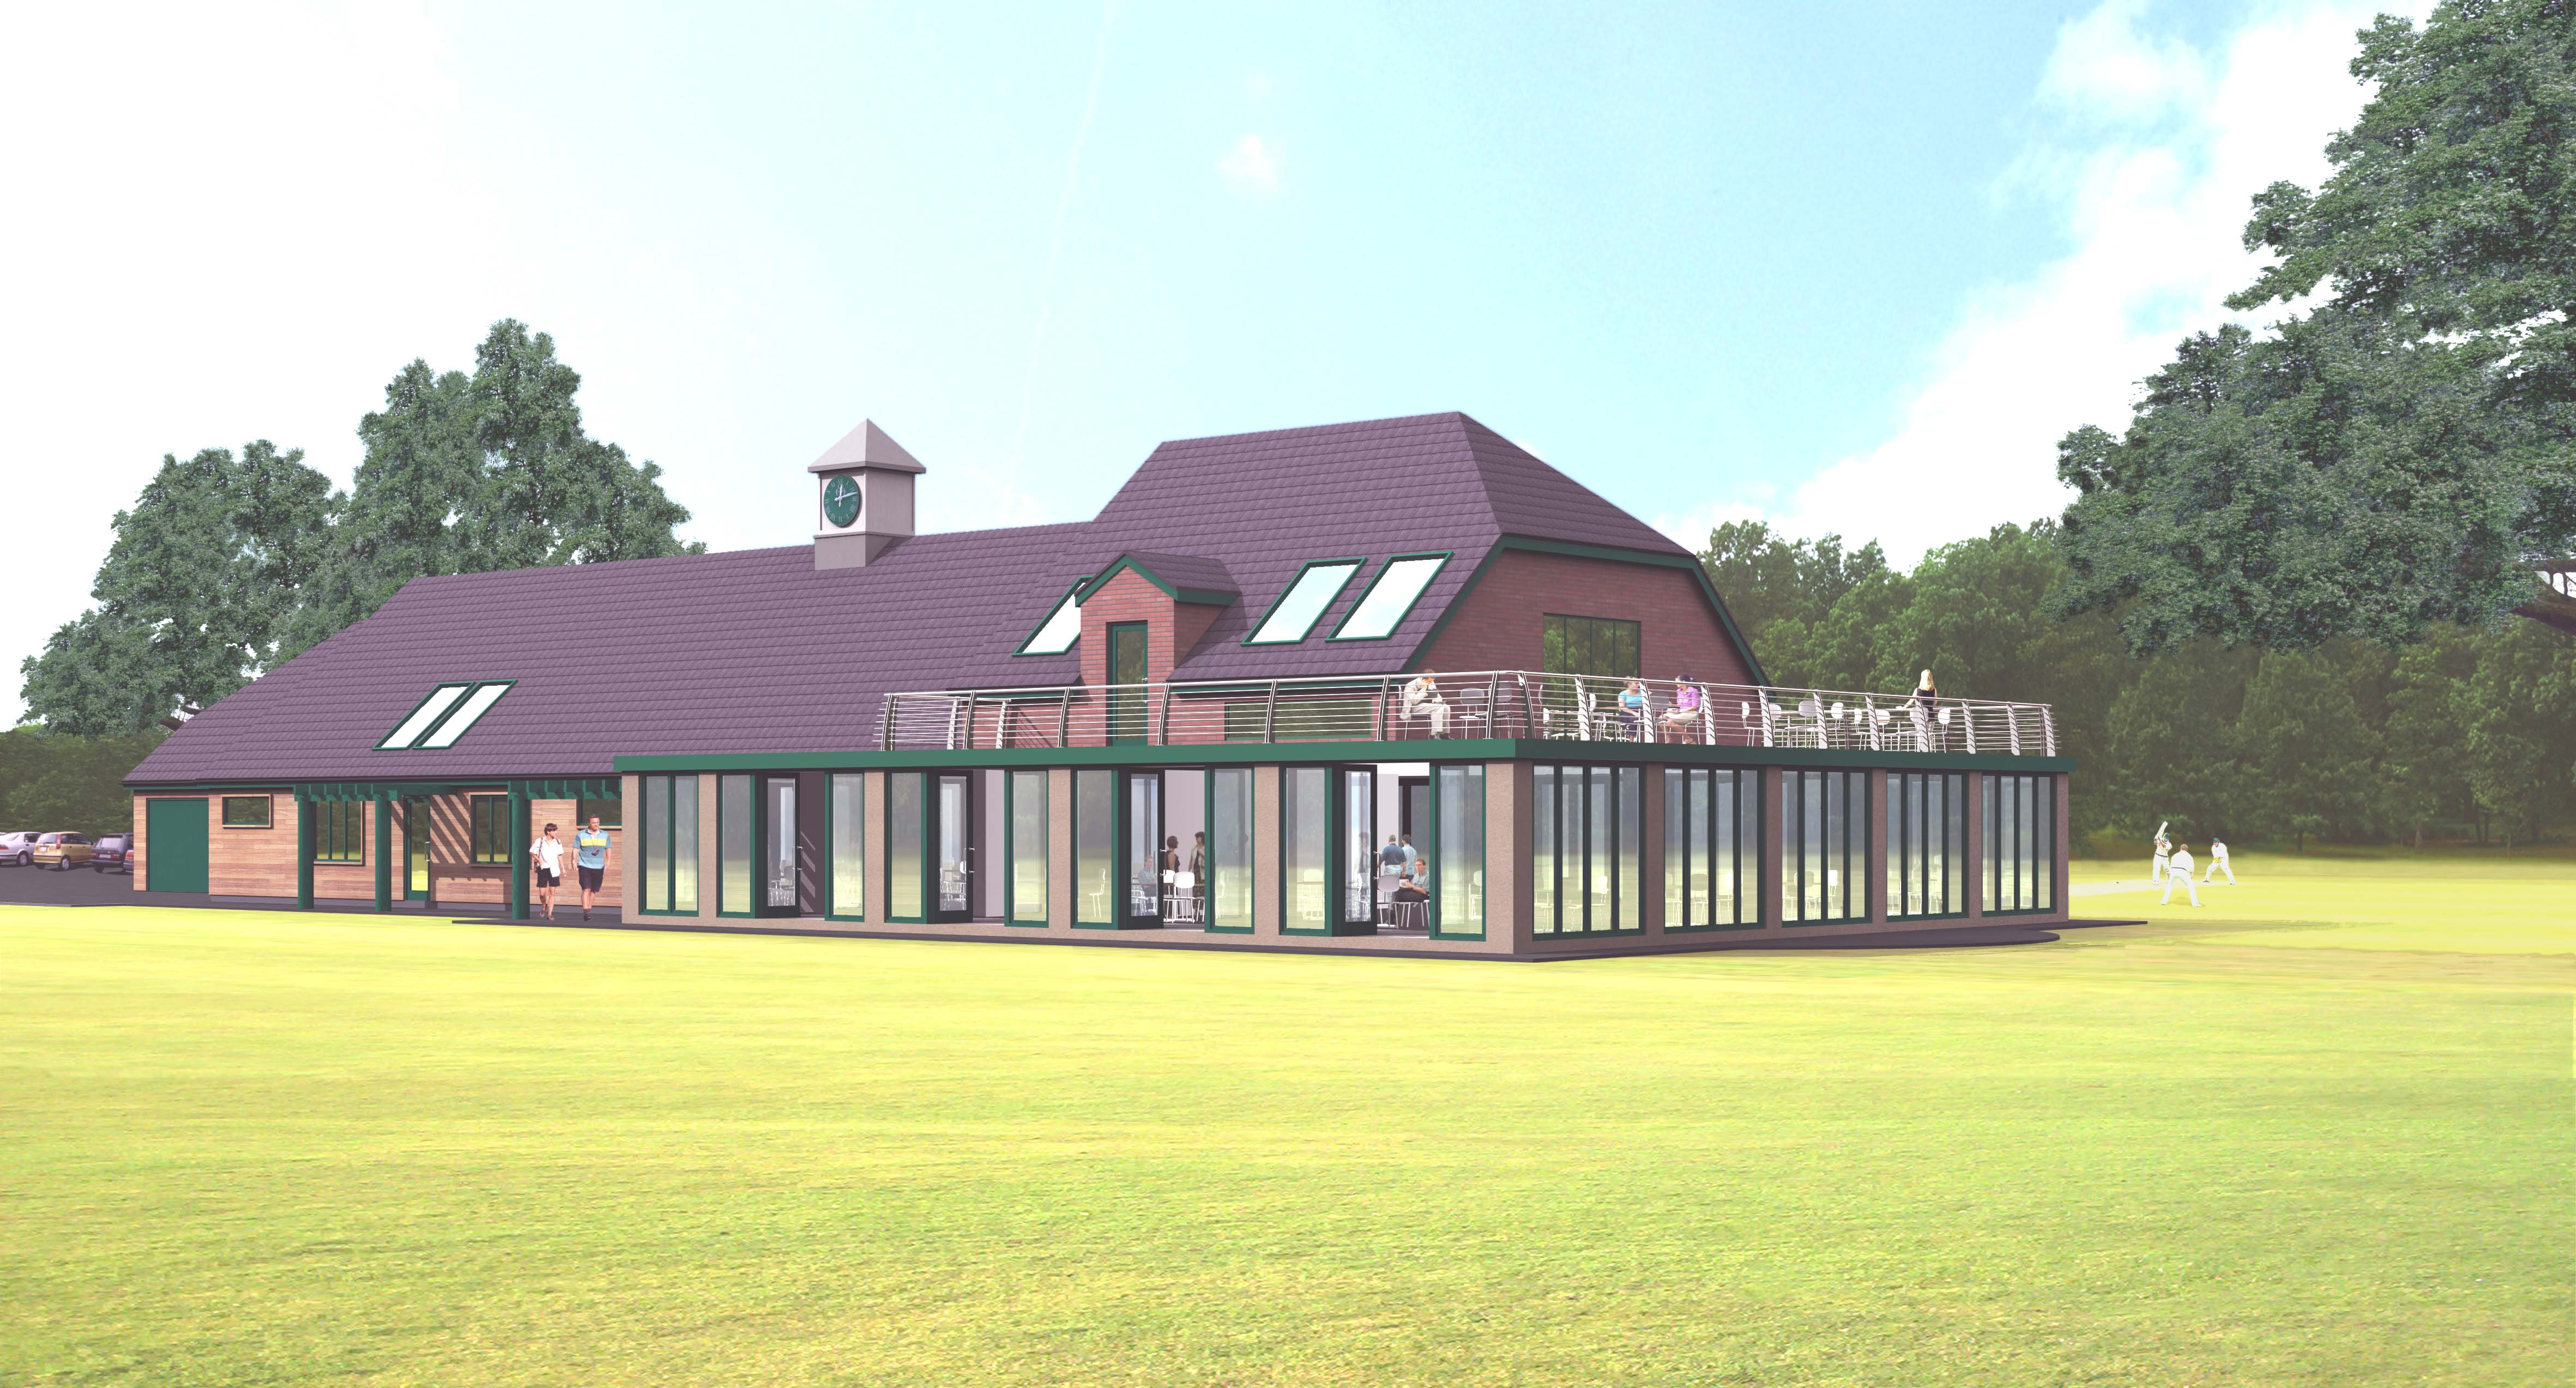 Quarndon Cricket Club Visual (low res)